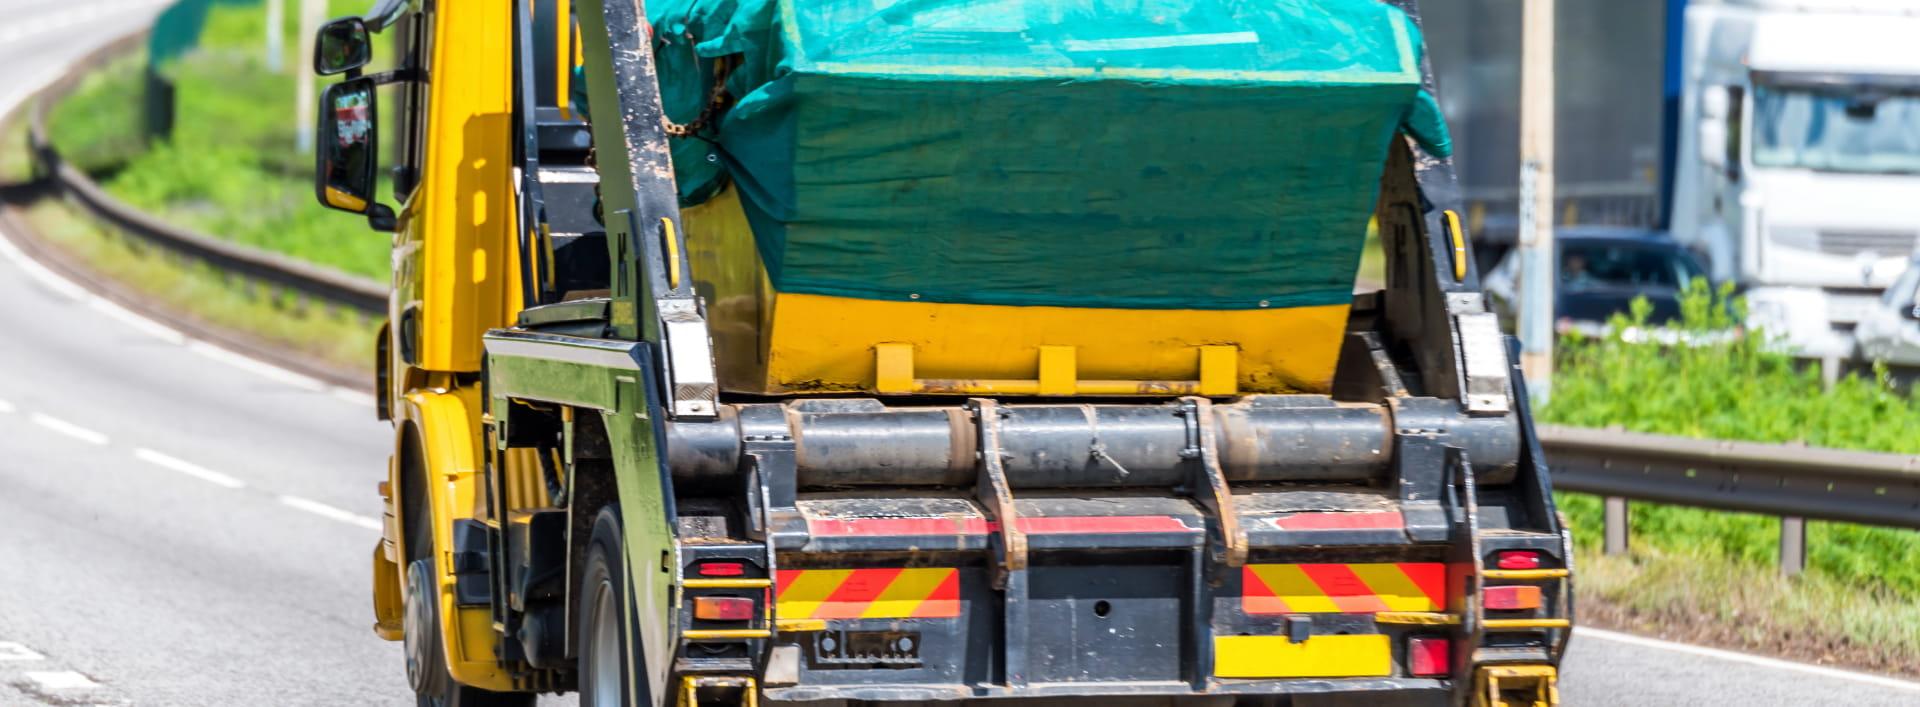 covered skip on skip truck